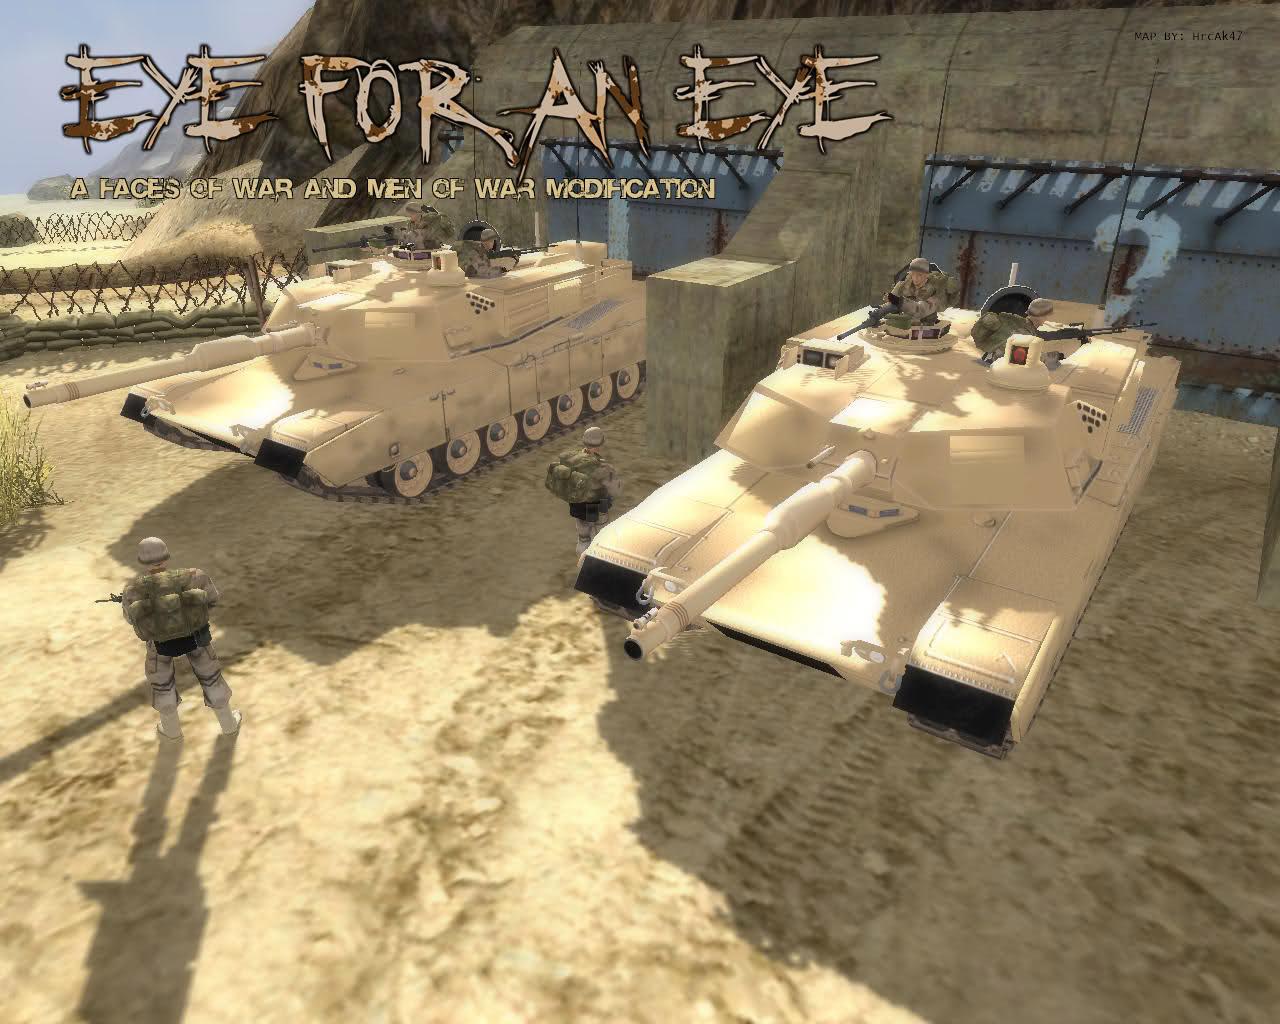 Tank garages in Fort Cheez